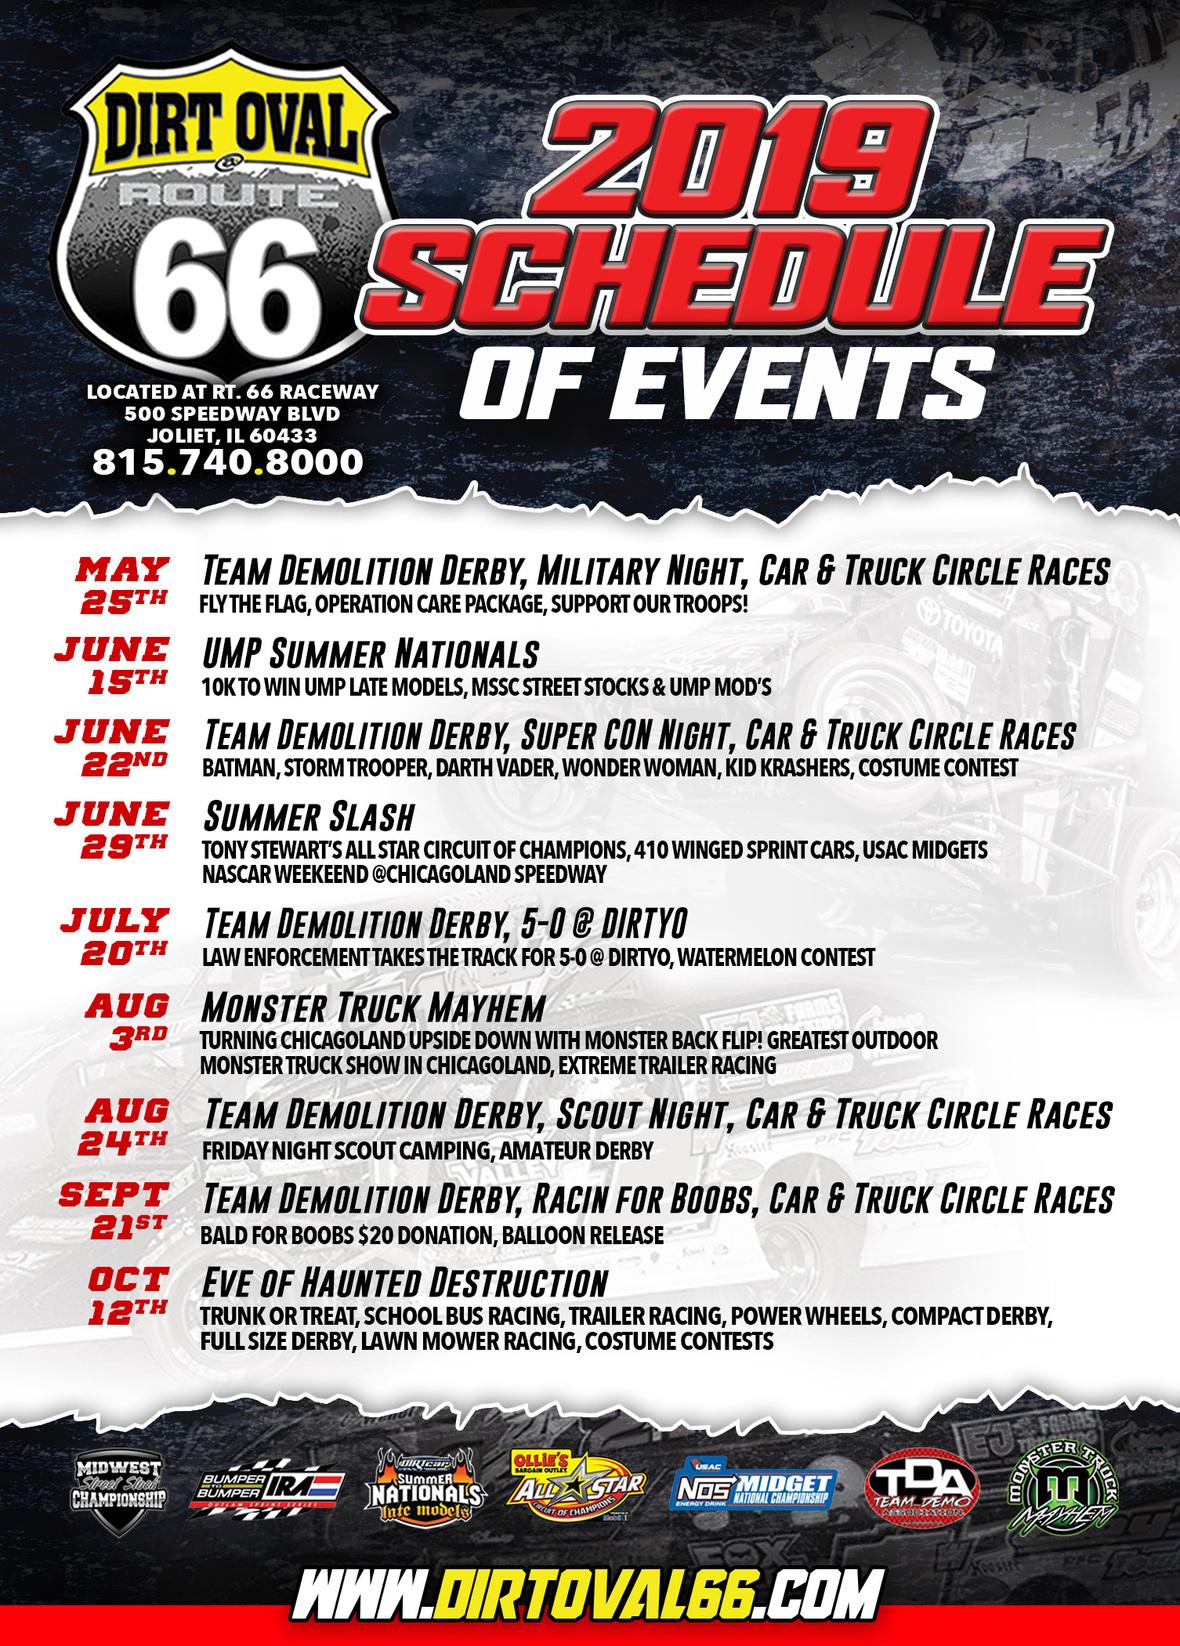 66 2019 schedule